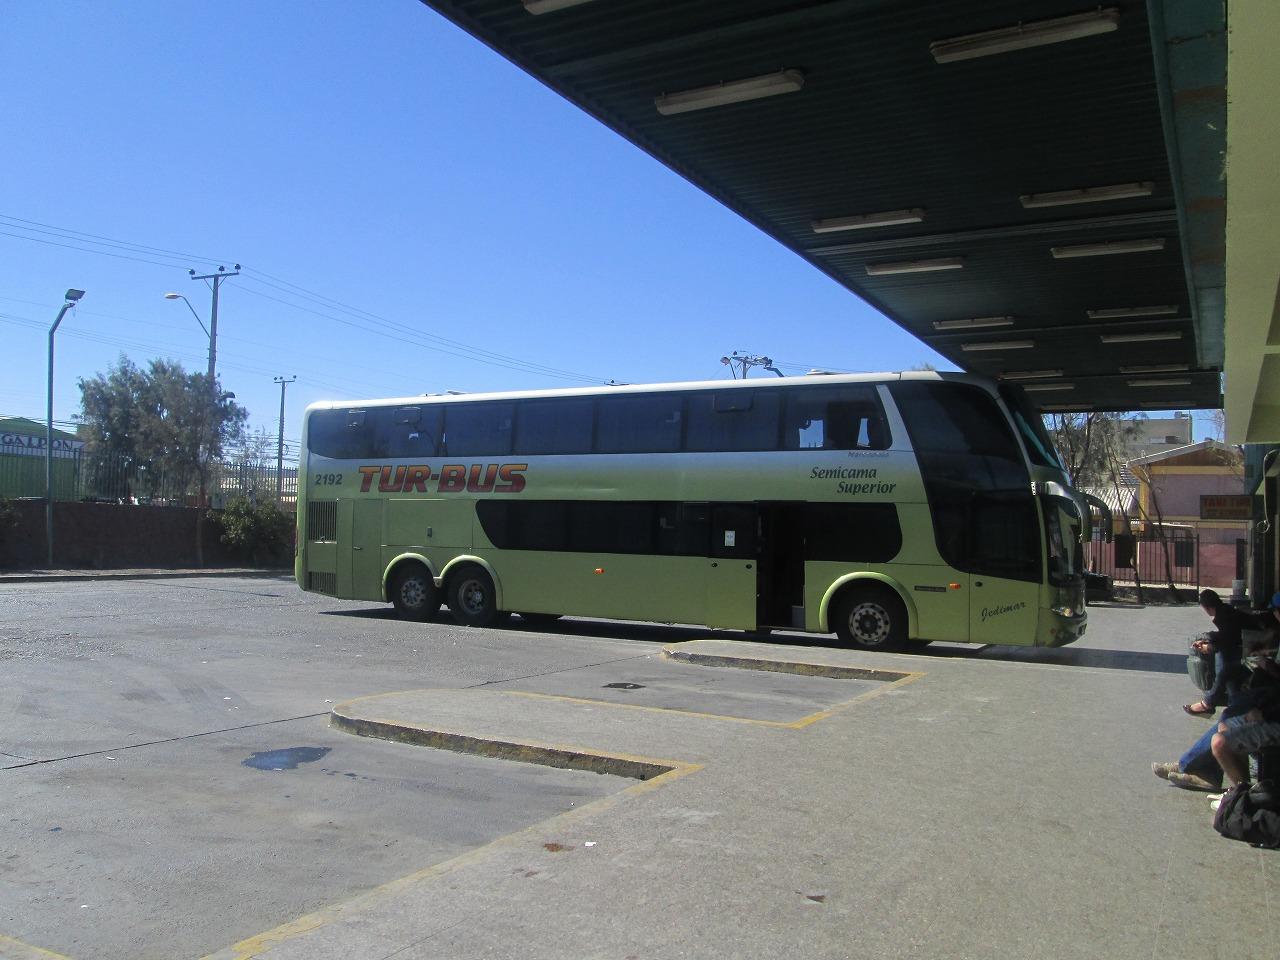 Santiago to La paz,border crossing2.チリのサンティアゴからボリビアのラパスへ、国境越え2